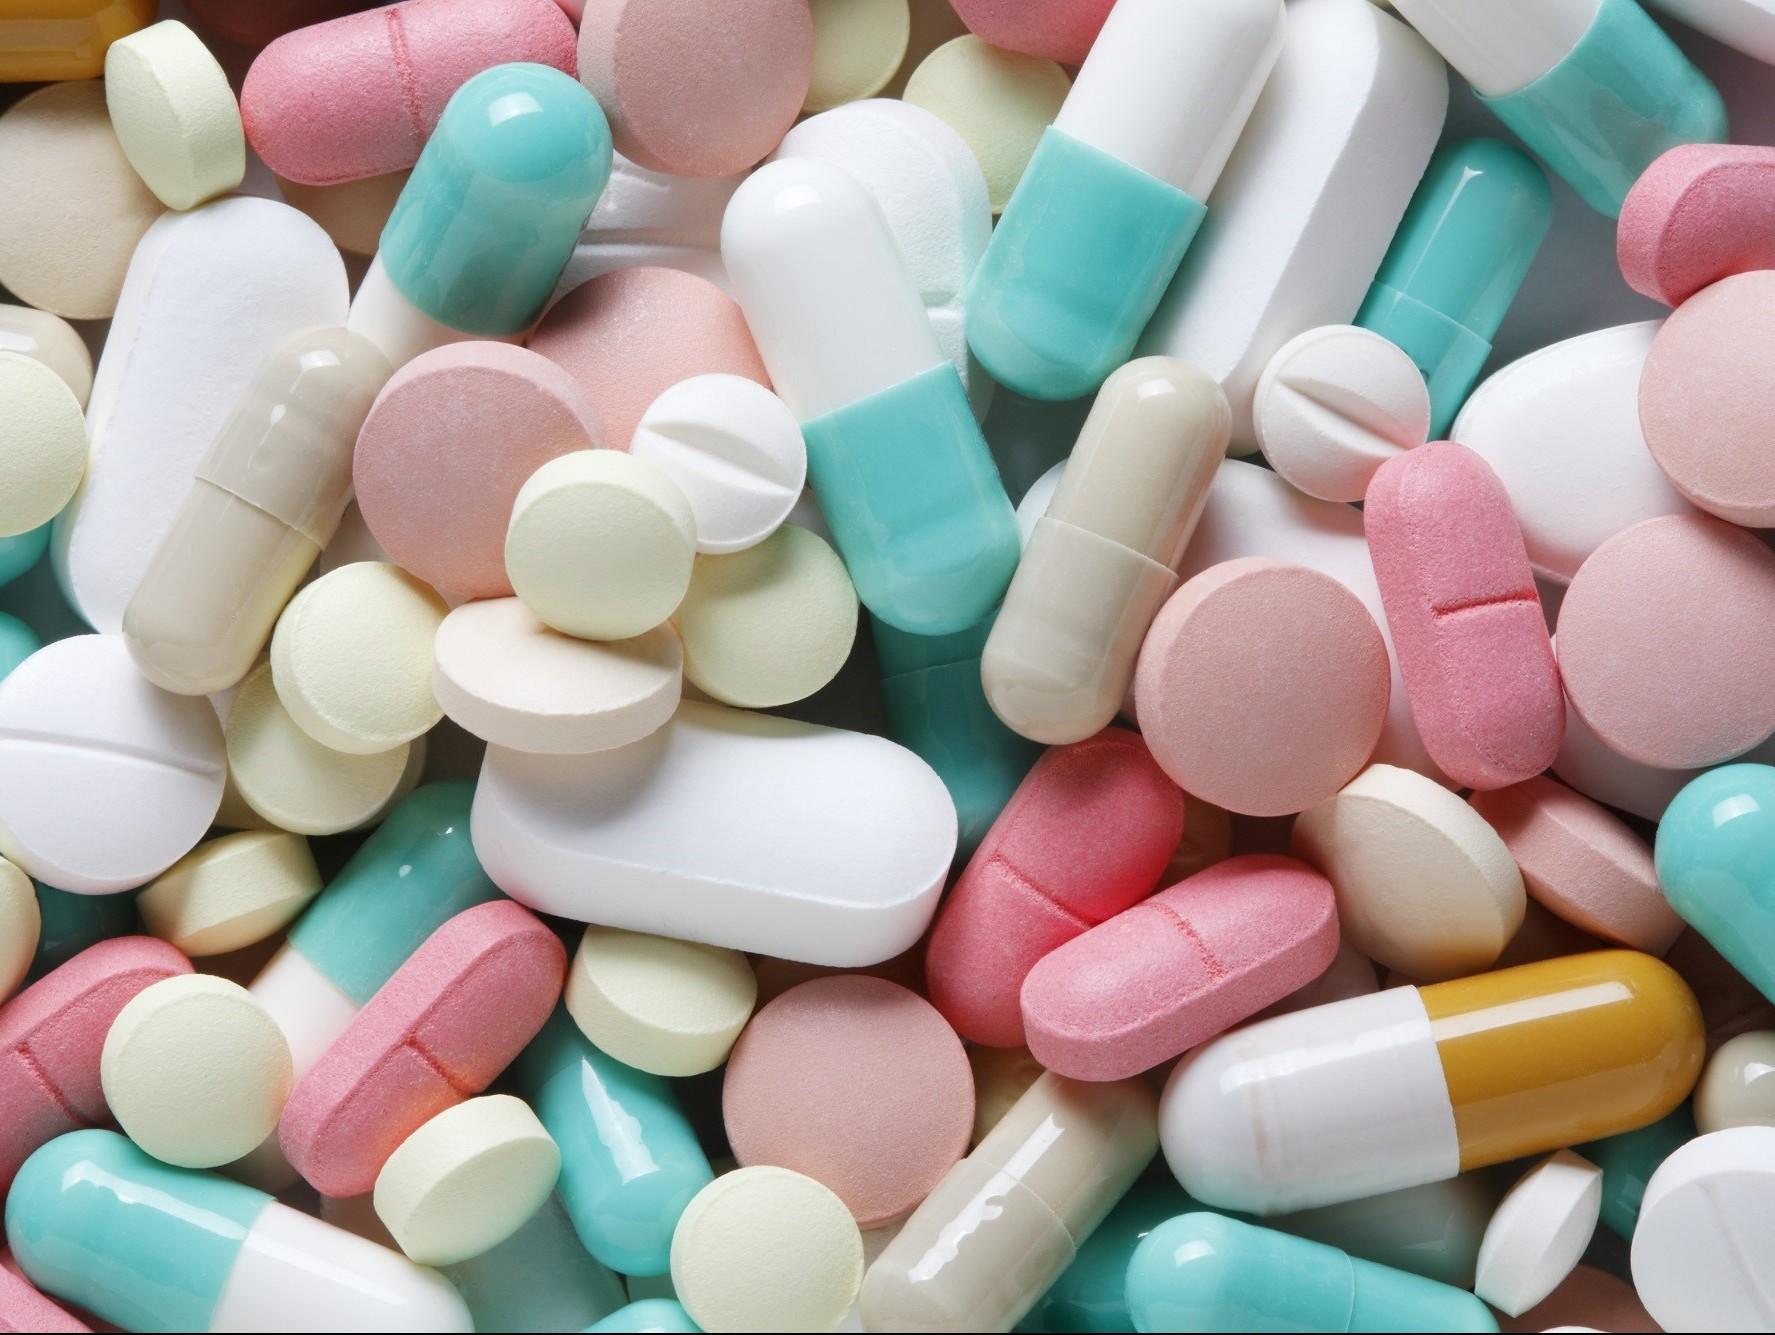 Гормональные таблетки грудь 5 фотография